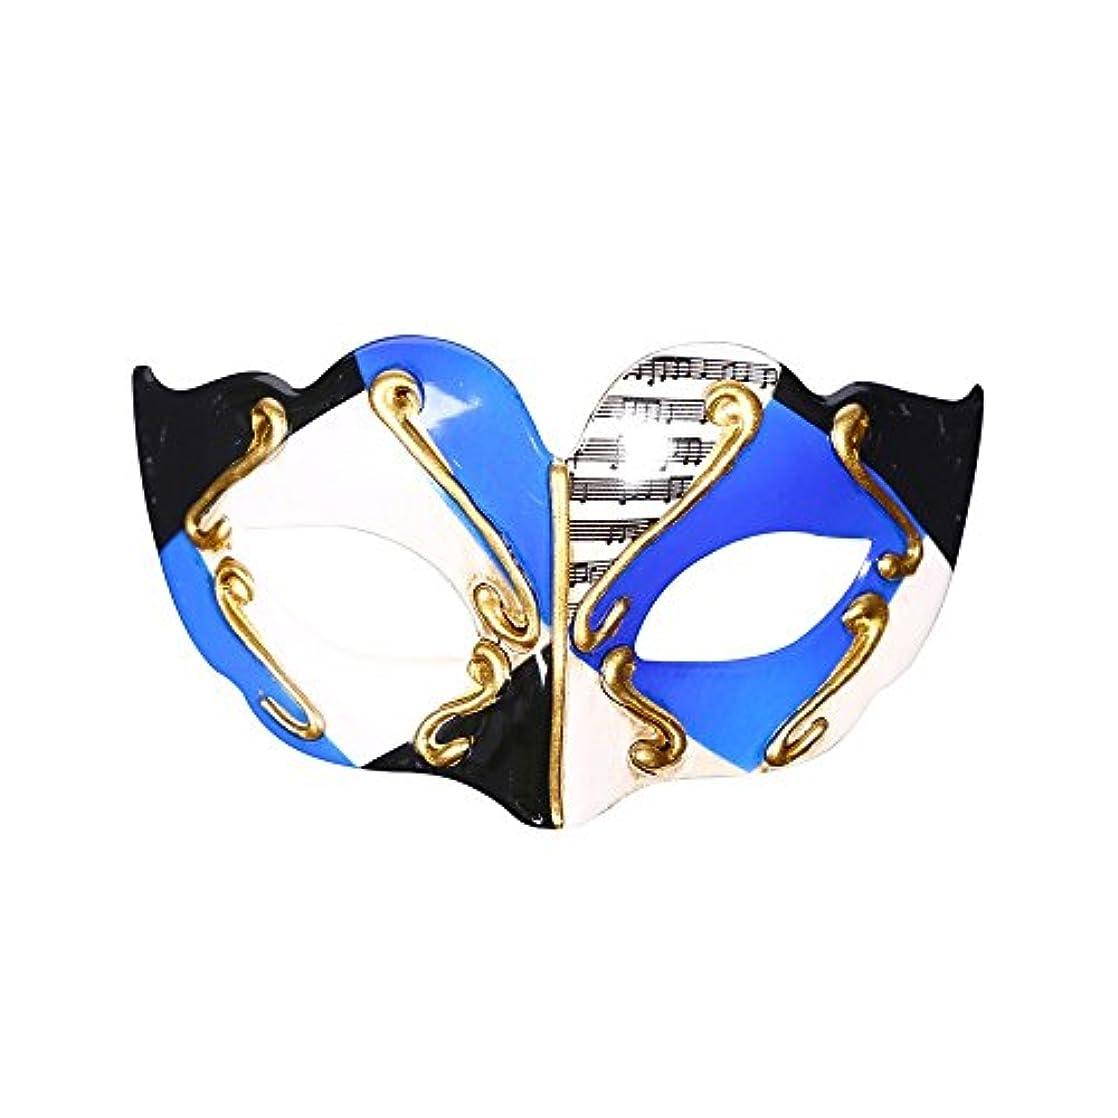 意欲数休戦ハロウィーン仮面舞踏会マスクフラットヘッド半顔ハードプラスチック子供のマスク (Color : B)